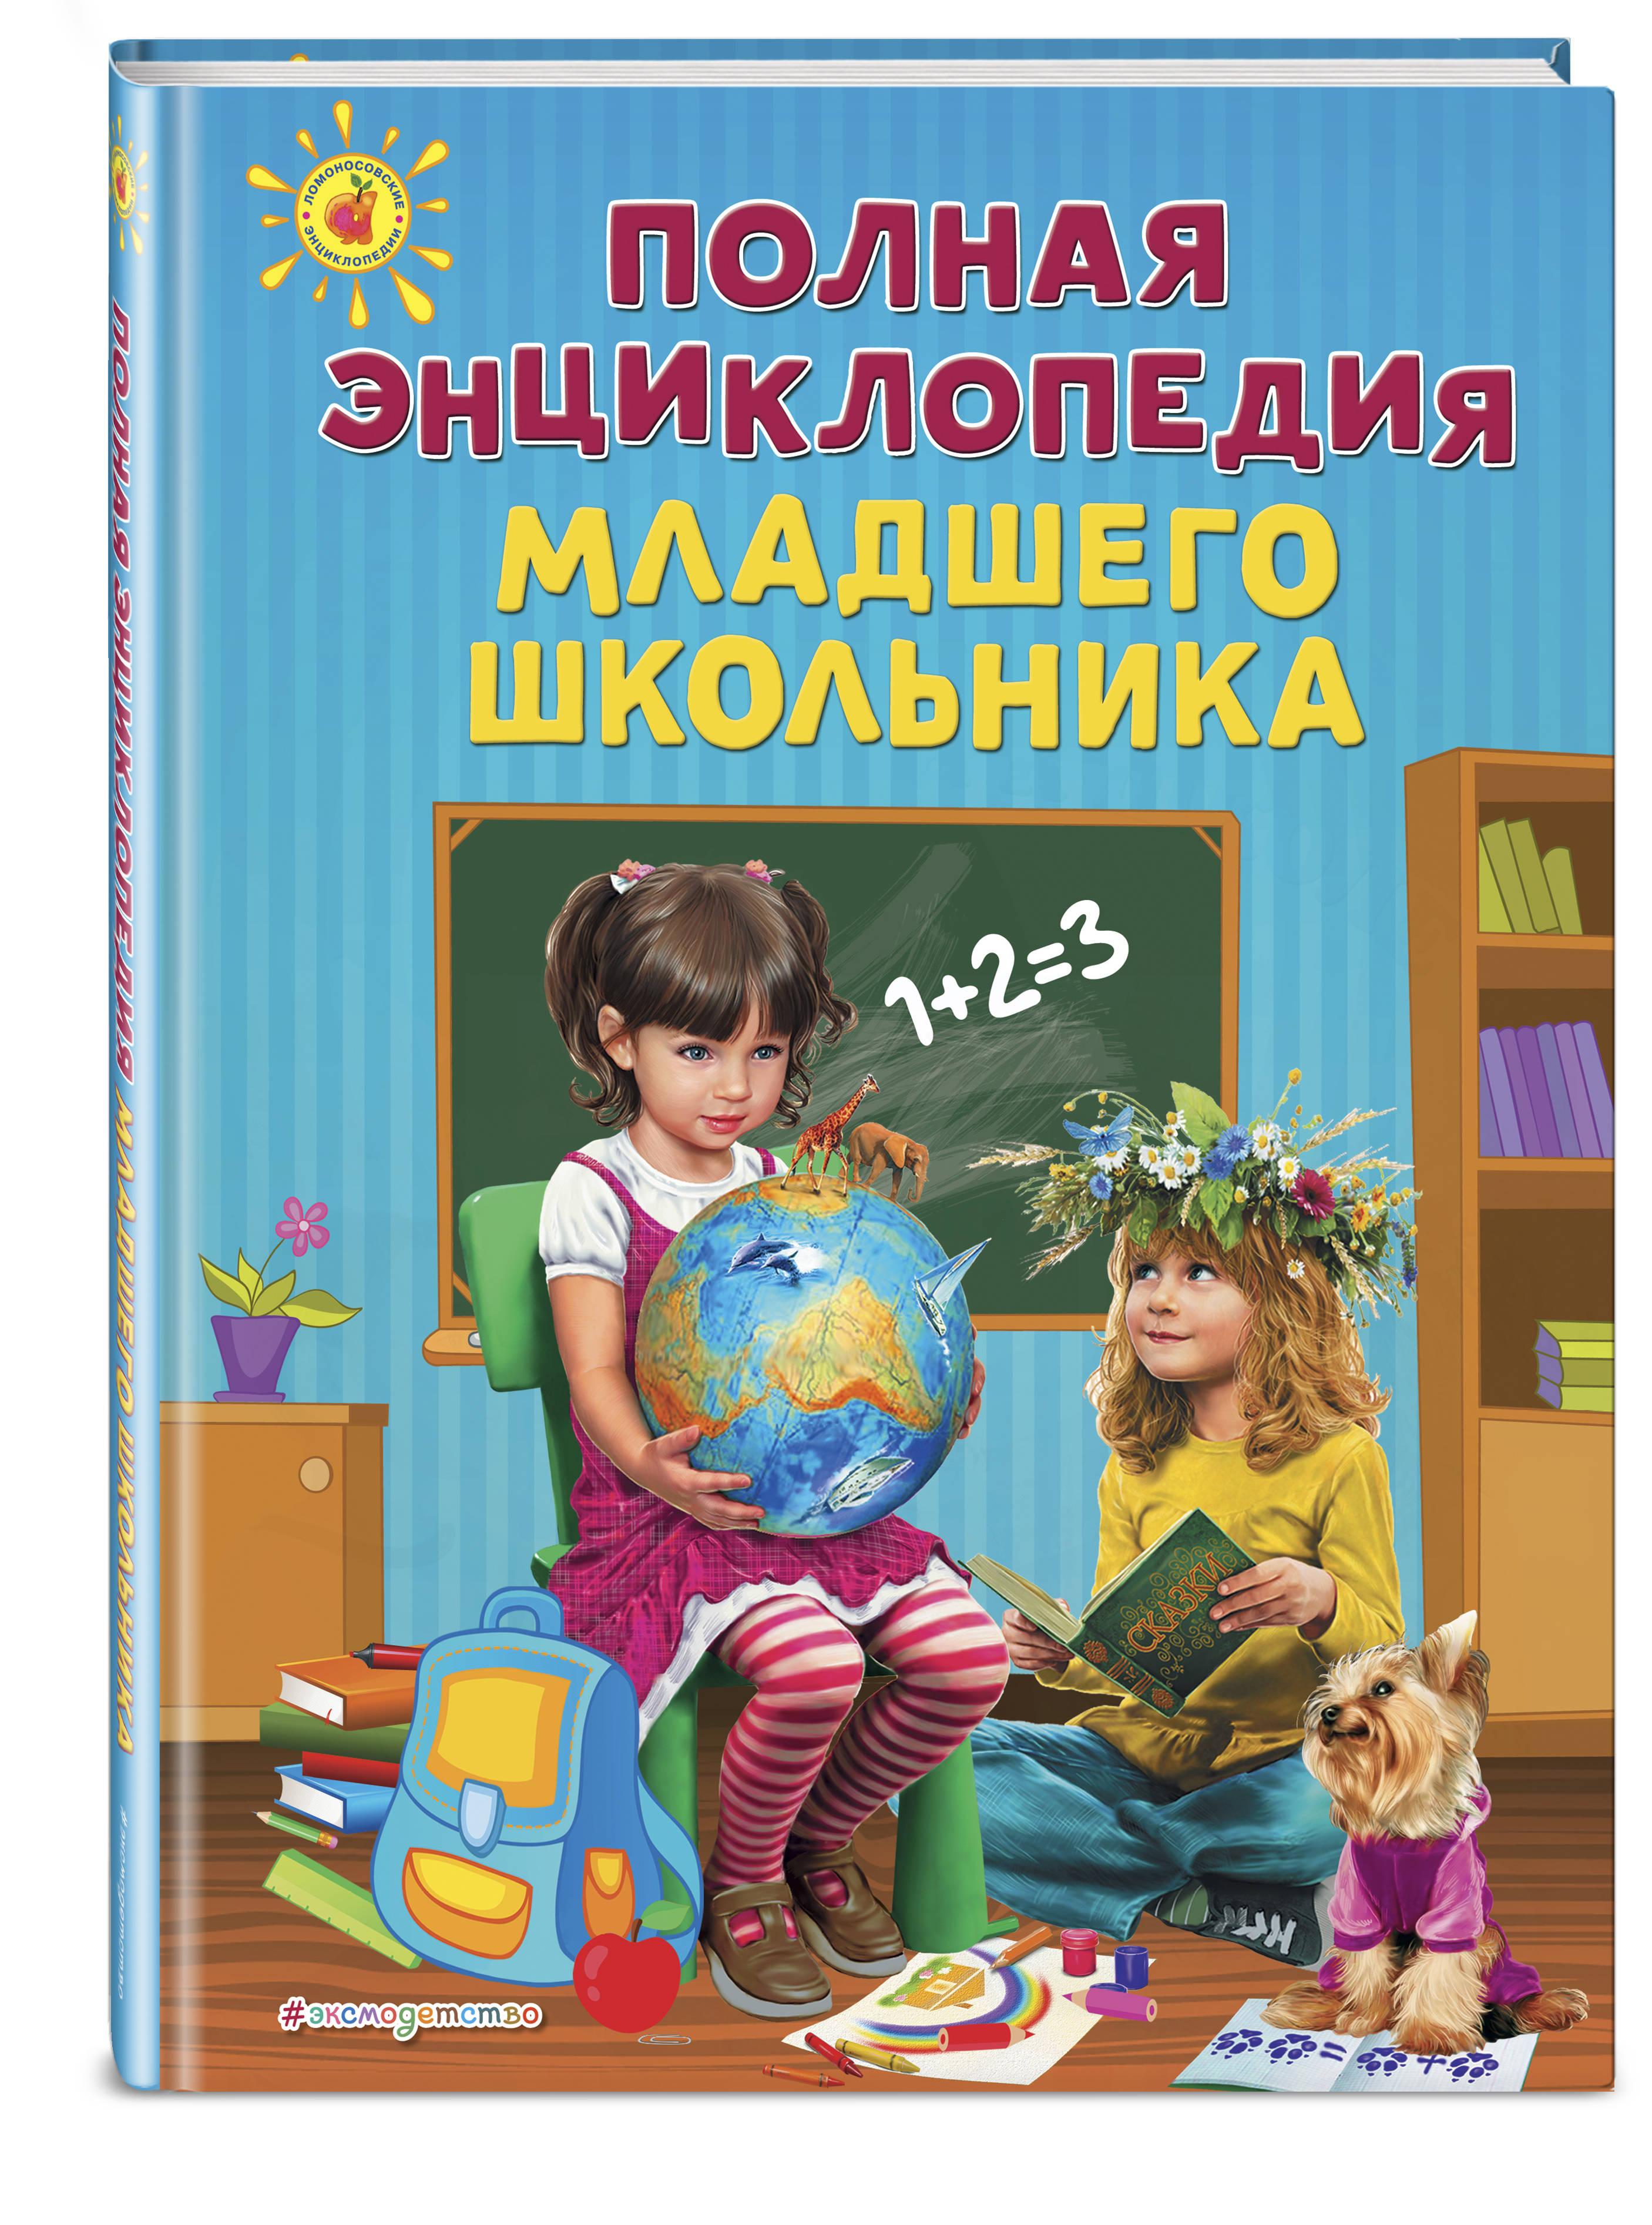 Купить со скидкой Полная энциклопедия младшего школьника